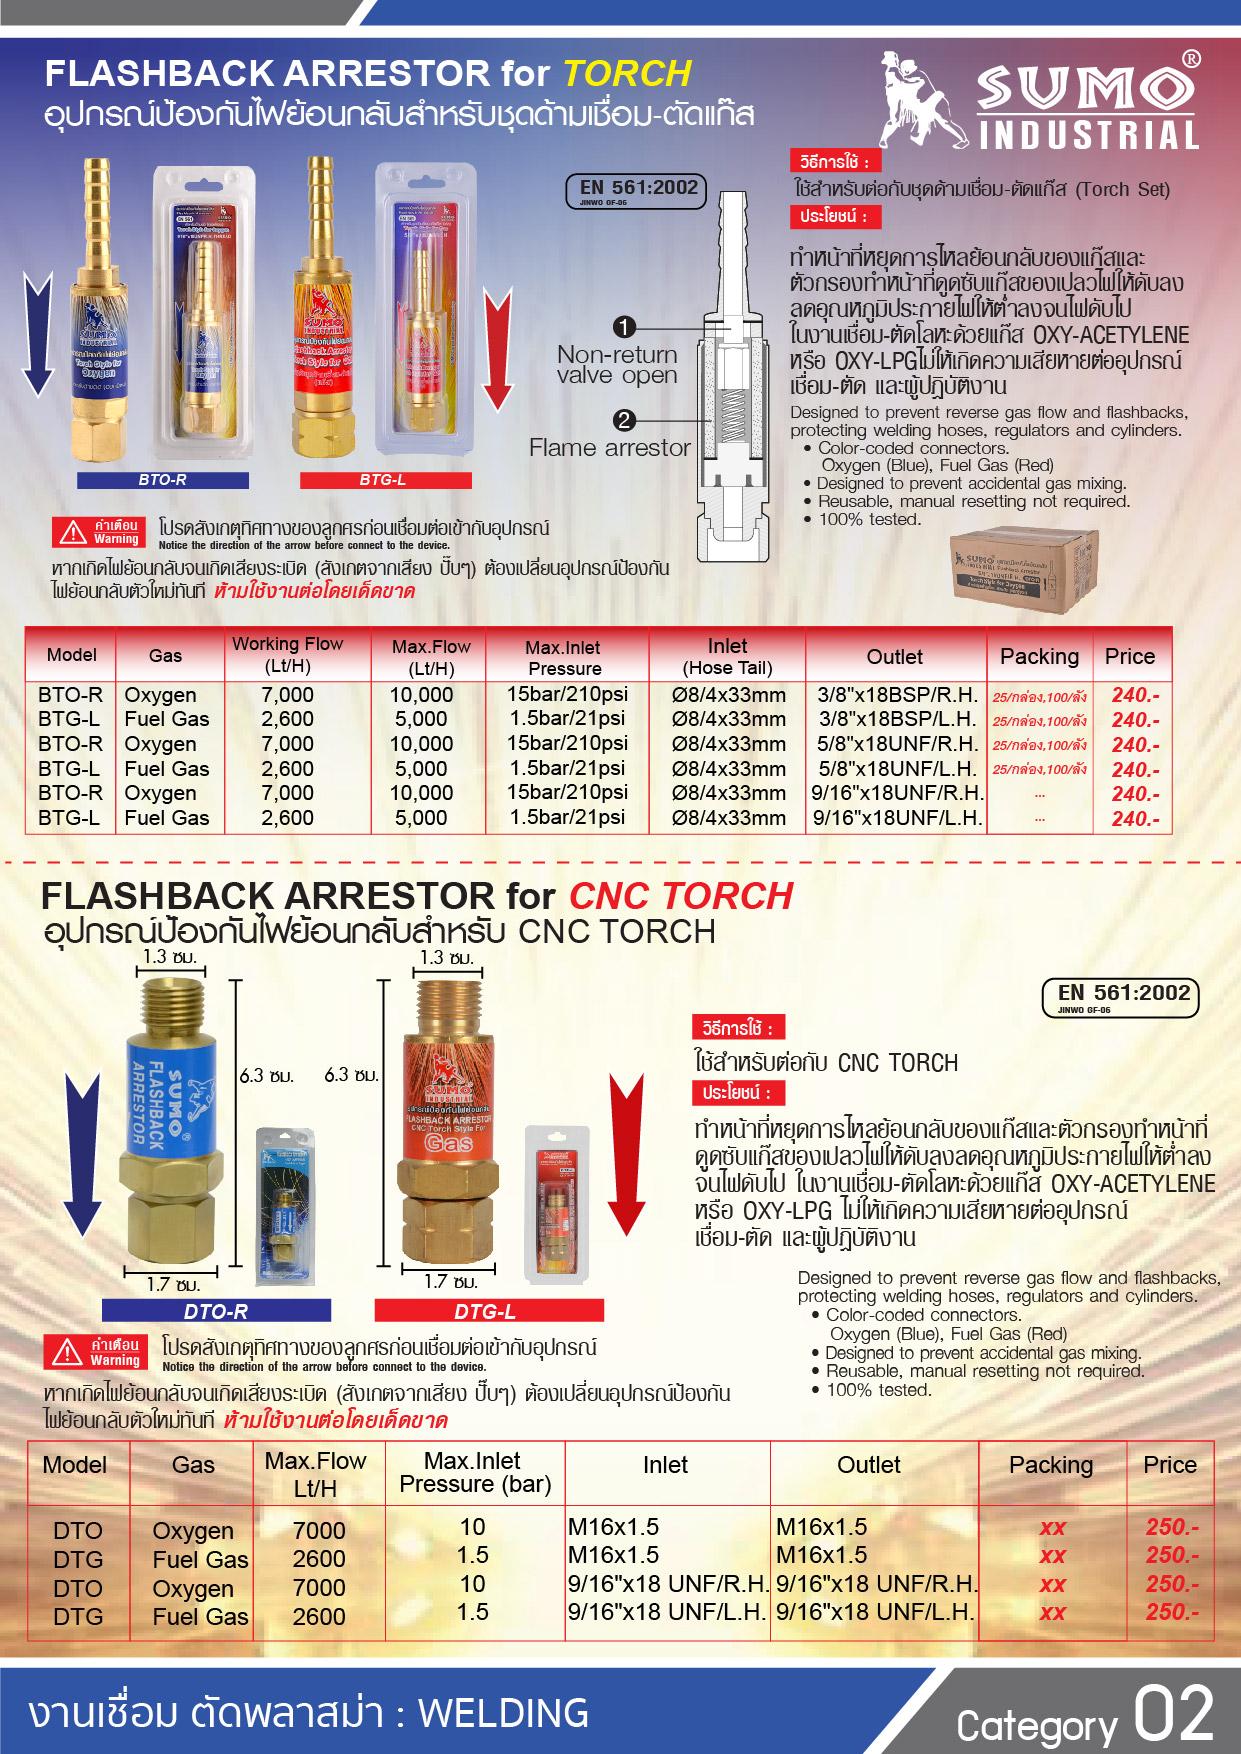 (171/228) อุปกรณ์ป้องกันไฟย้อนกลับ Flashback arrestor